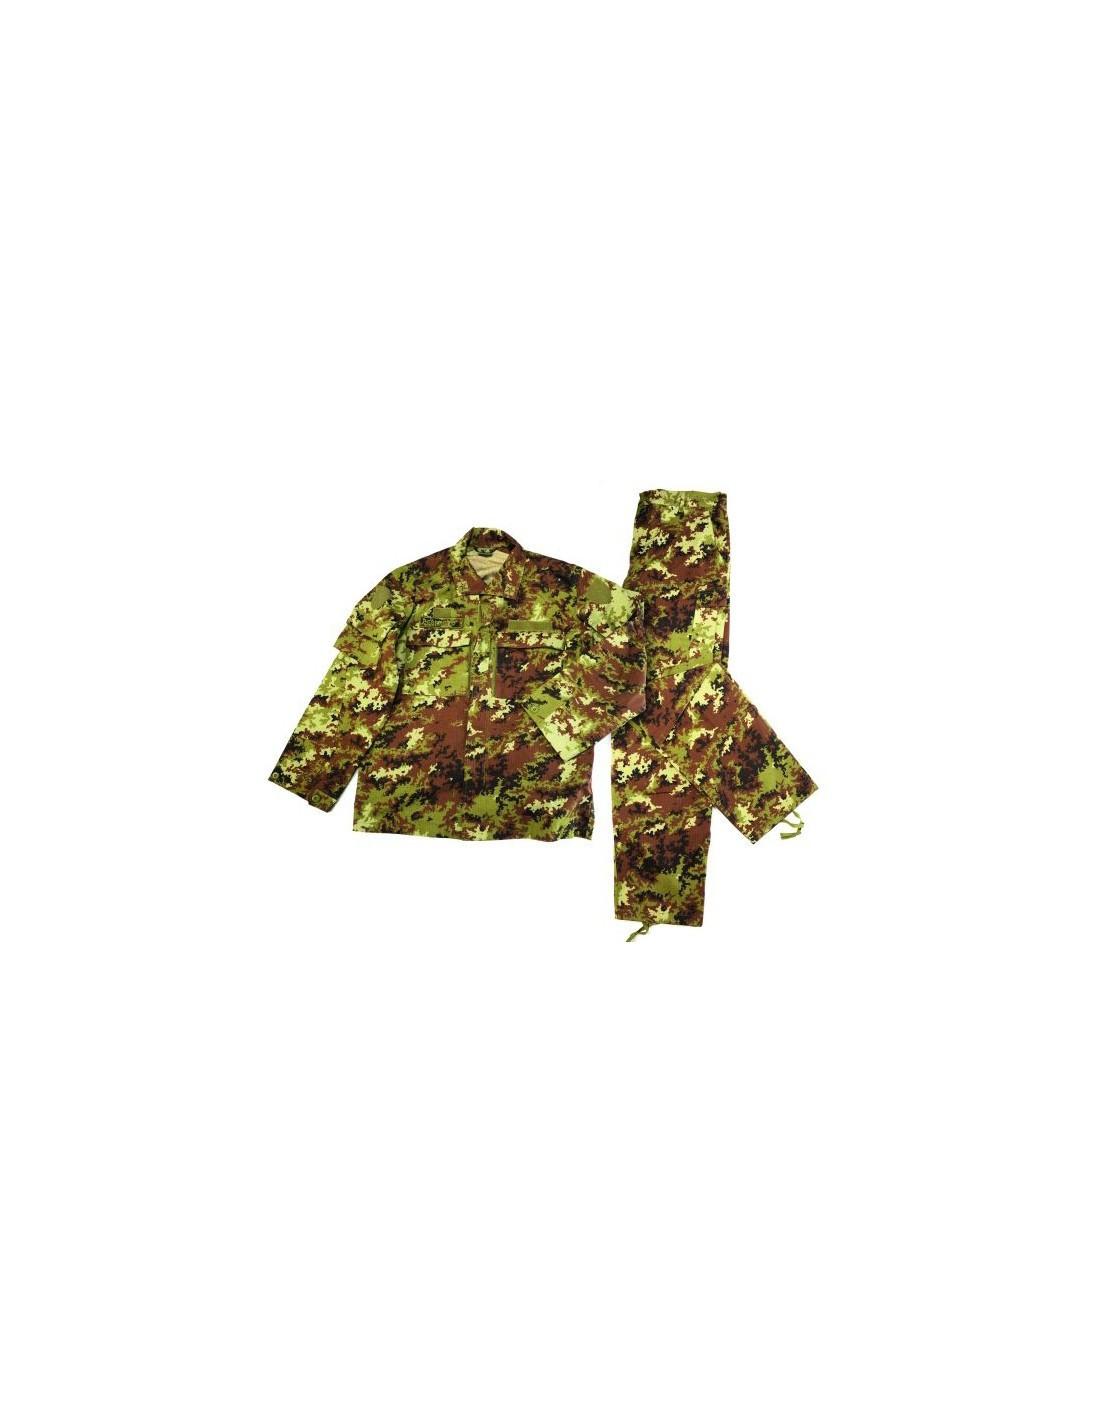 Mimetica Vegetata SBB Militare Completo da Combattimento Vegetato RipStop